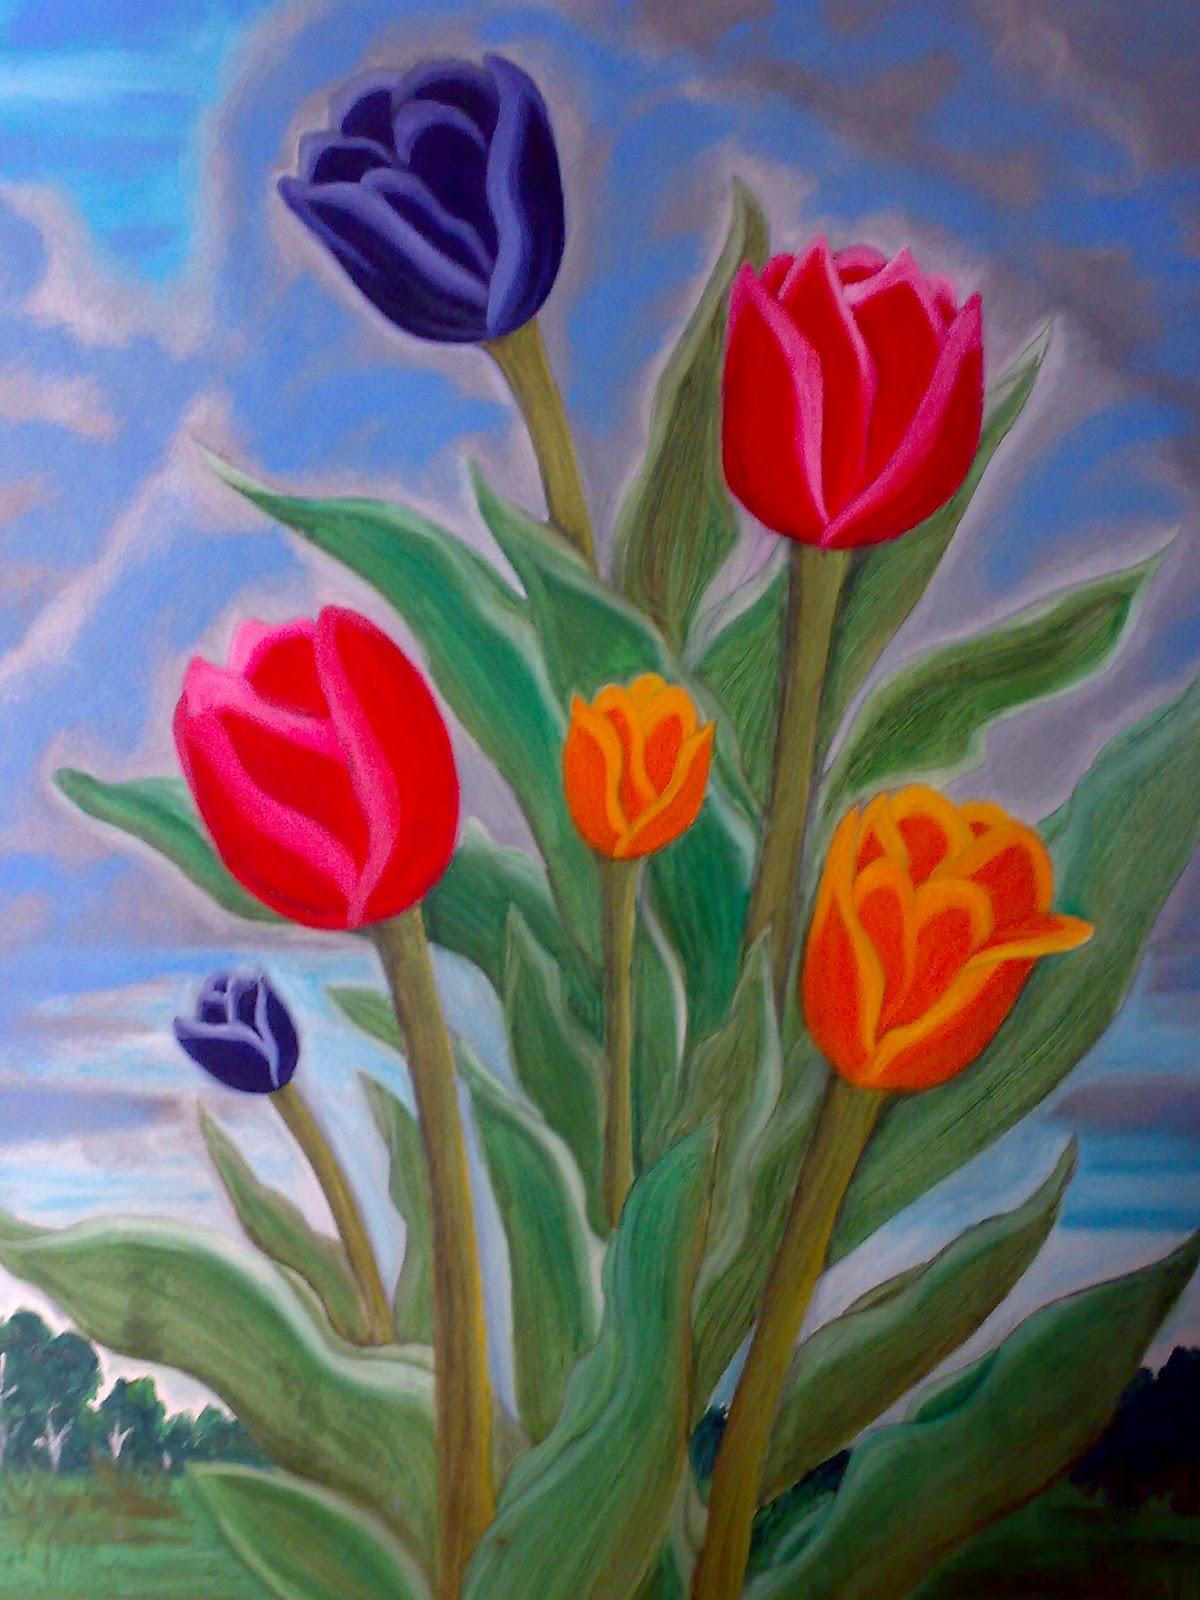 61 Gambar Lukisan Bunga Tulip Sederhana Terbaik